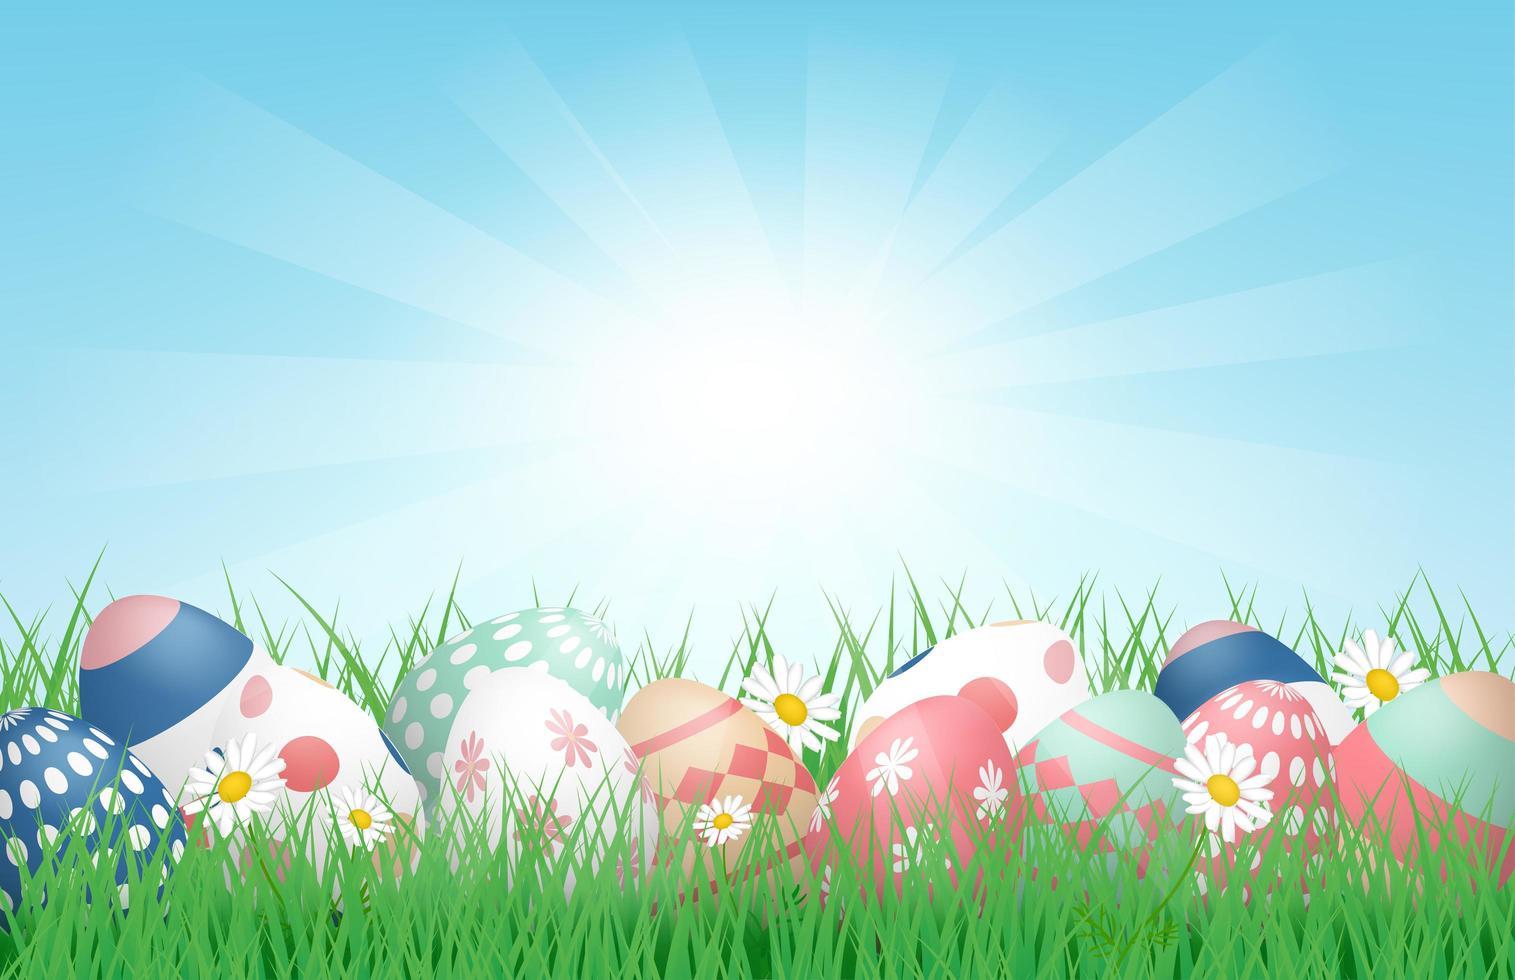 affiche de Pâques avec des oeufs dans le champ d'herbe ensoleillée vecteur